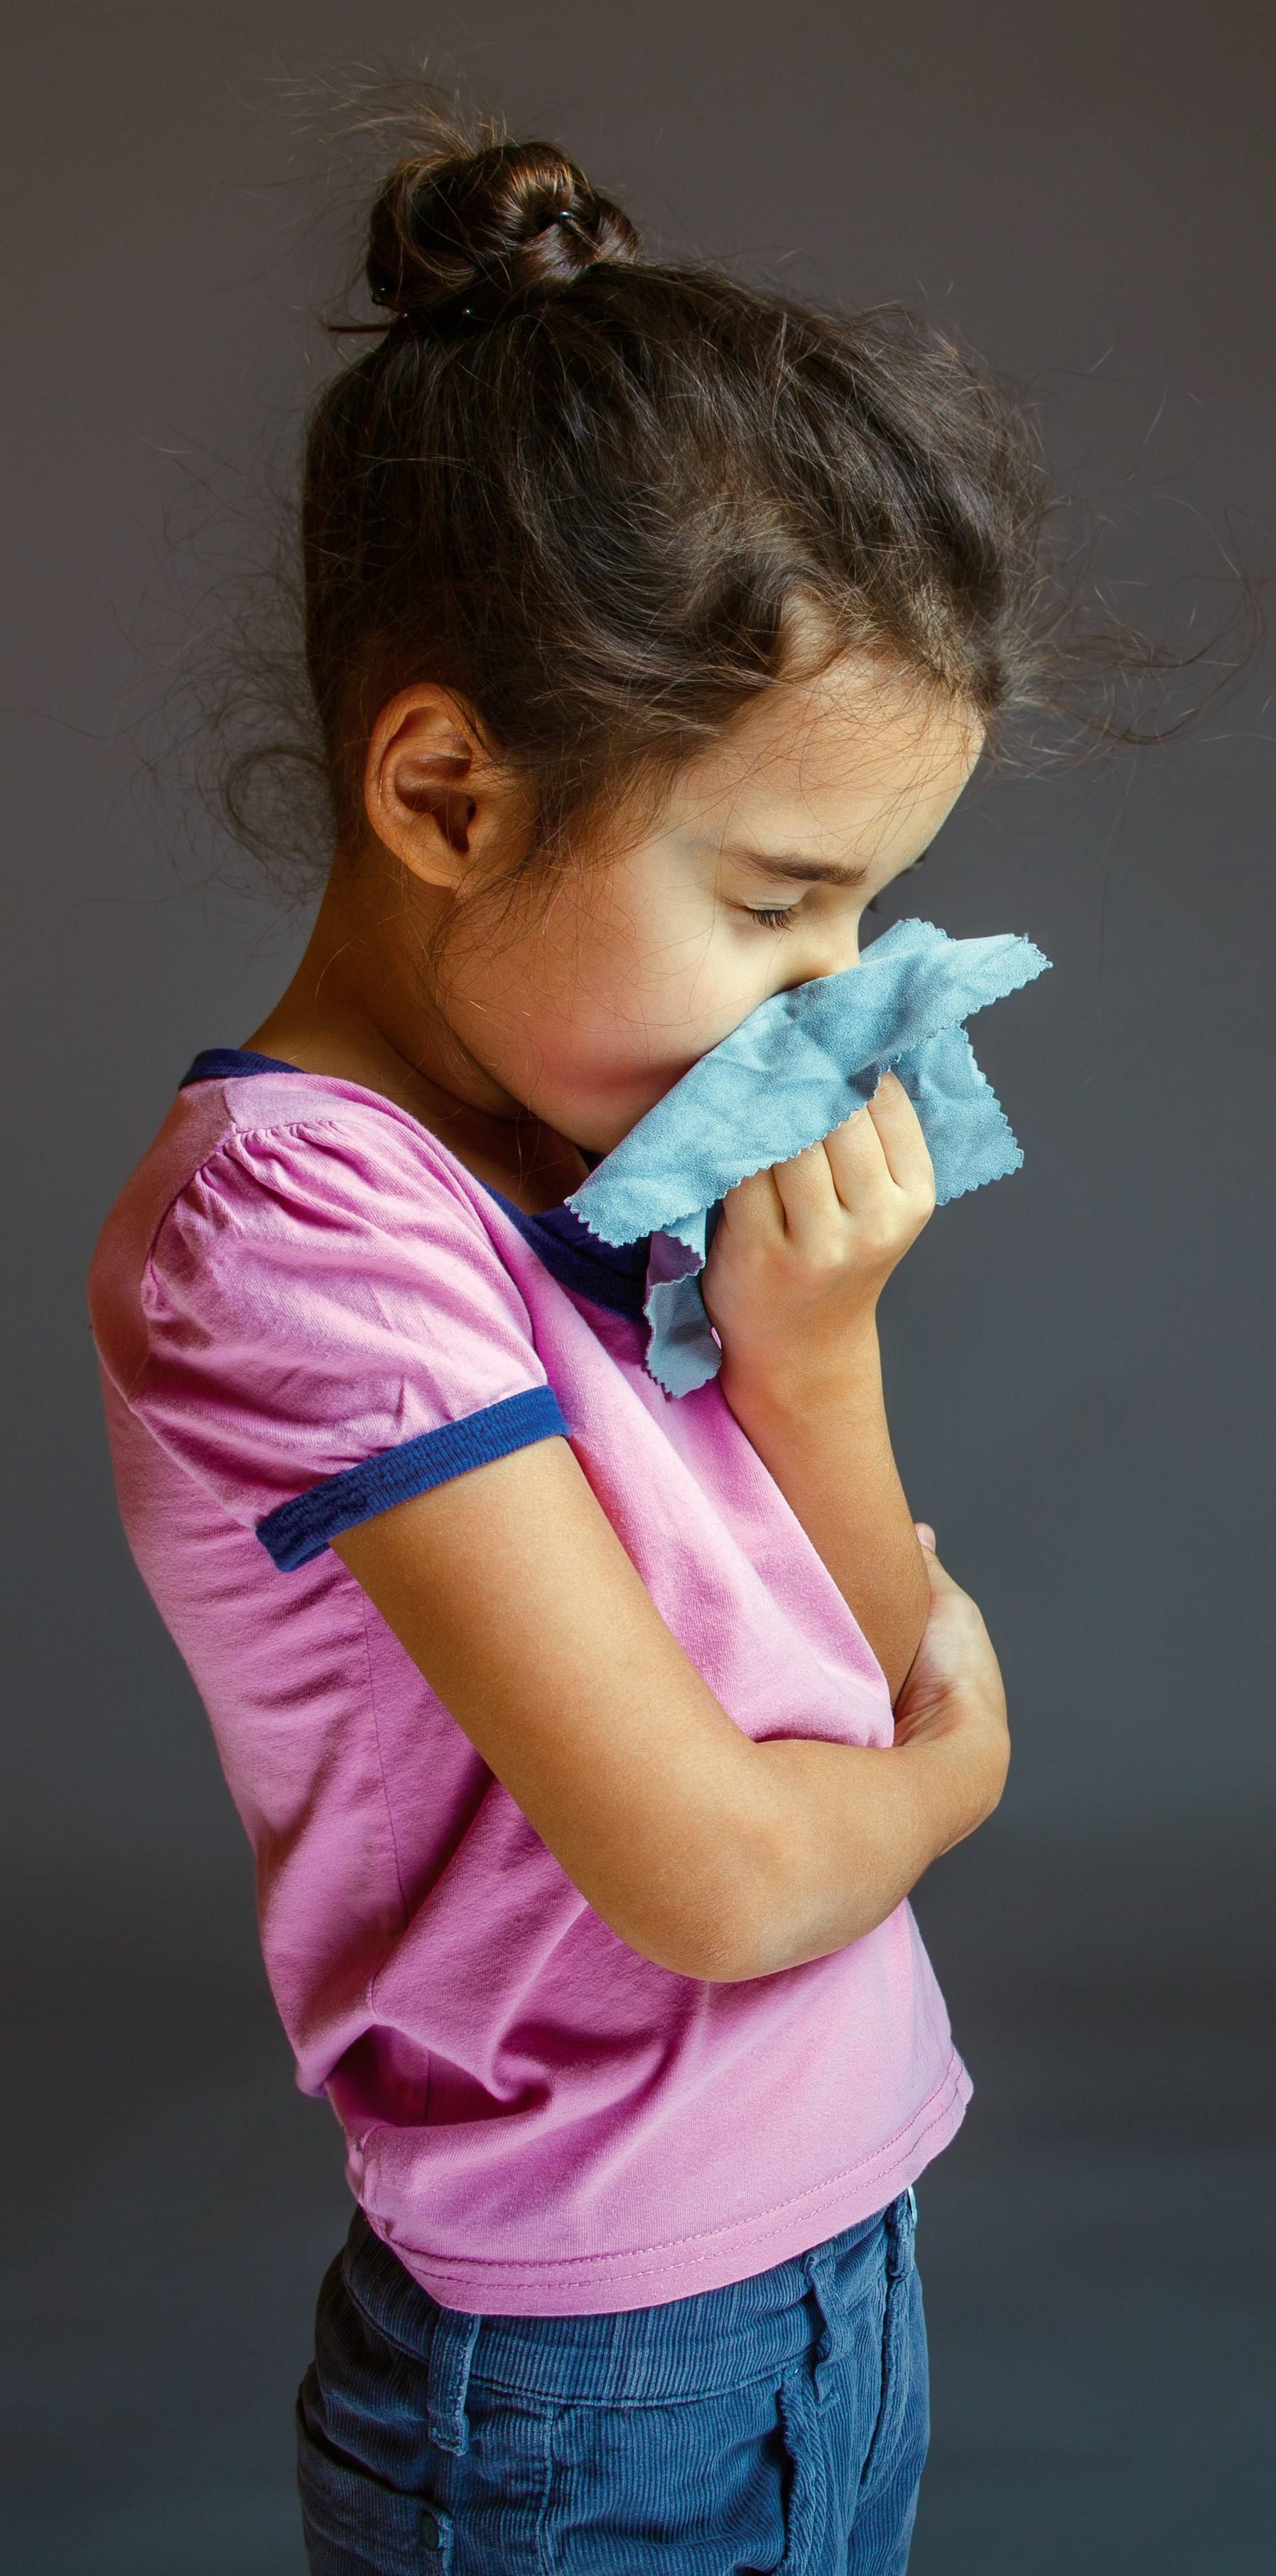 fot. Fotolia.com Alergik w żłobku lub przedszkolu